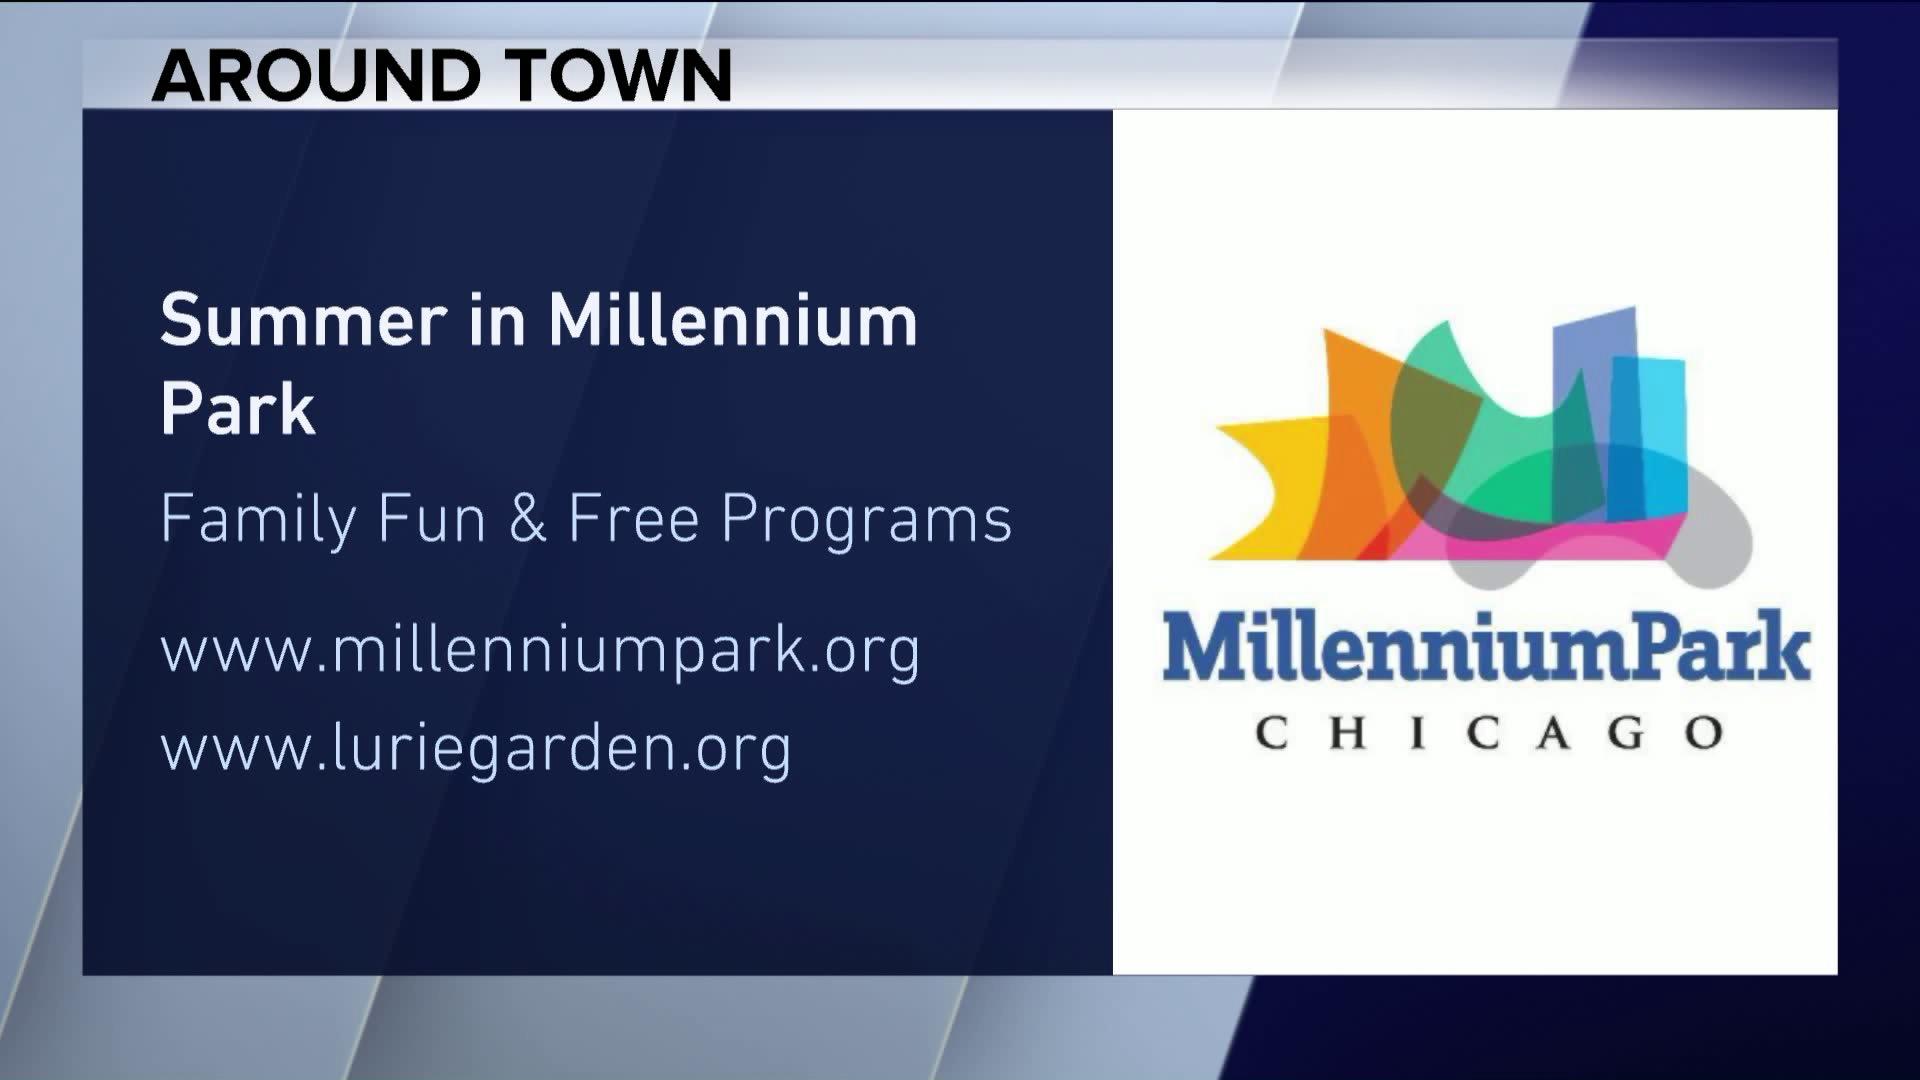 Around Town visits 'Summer in Millennium Park'